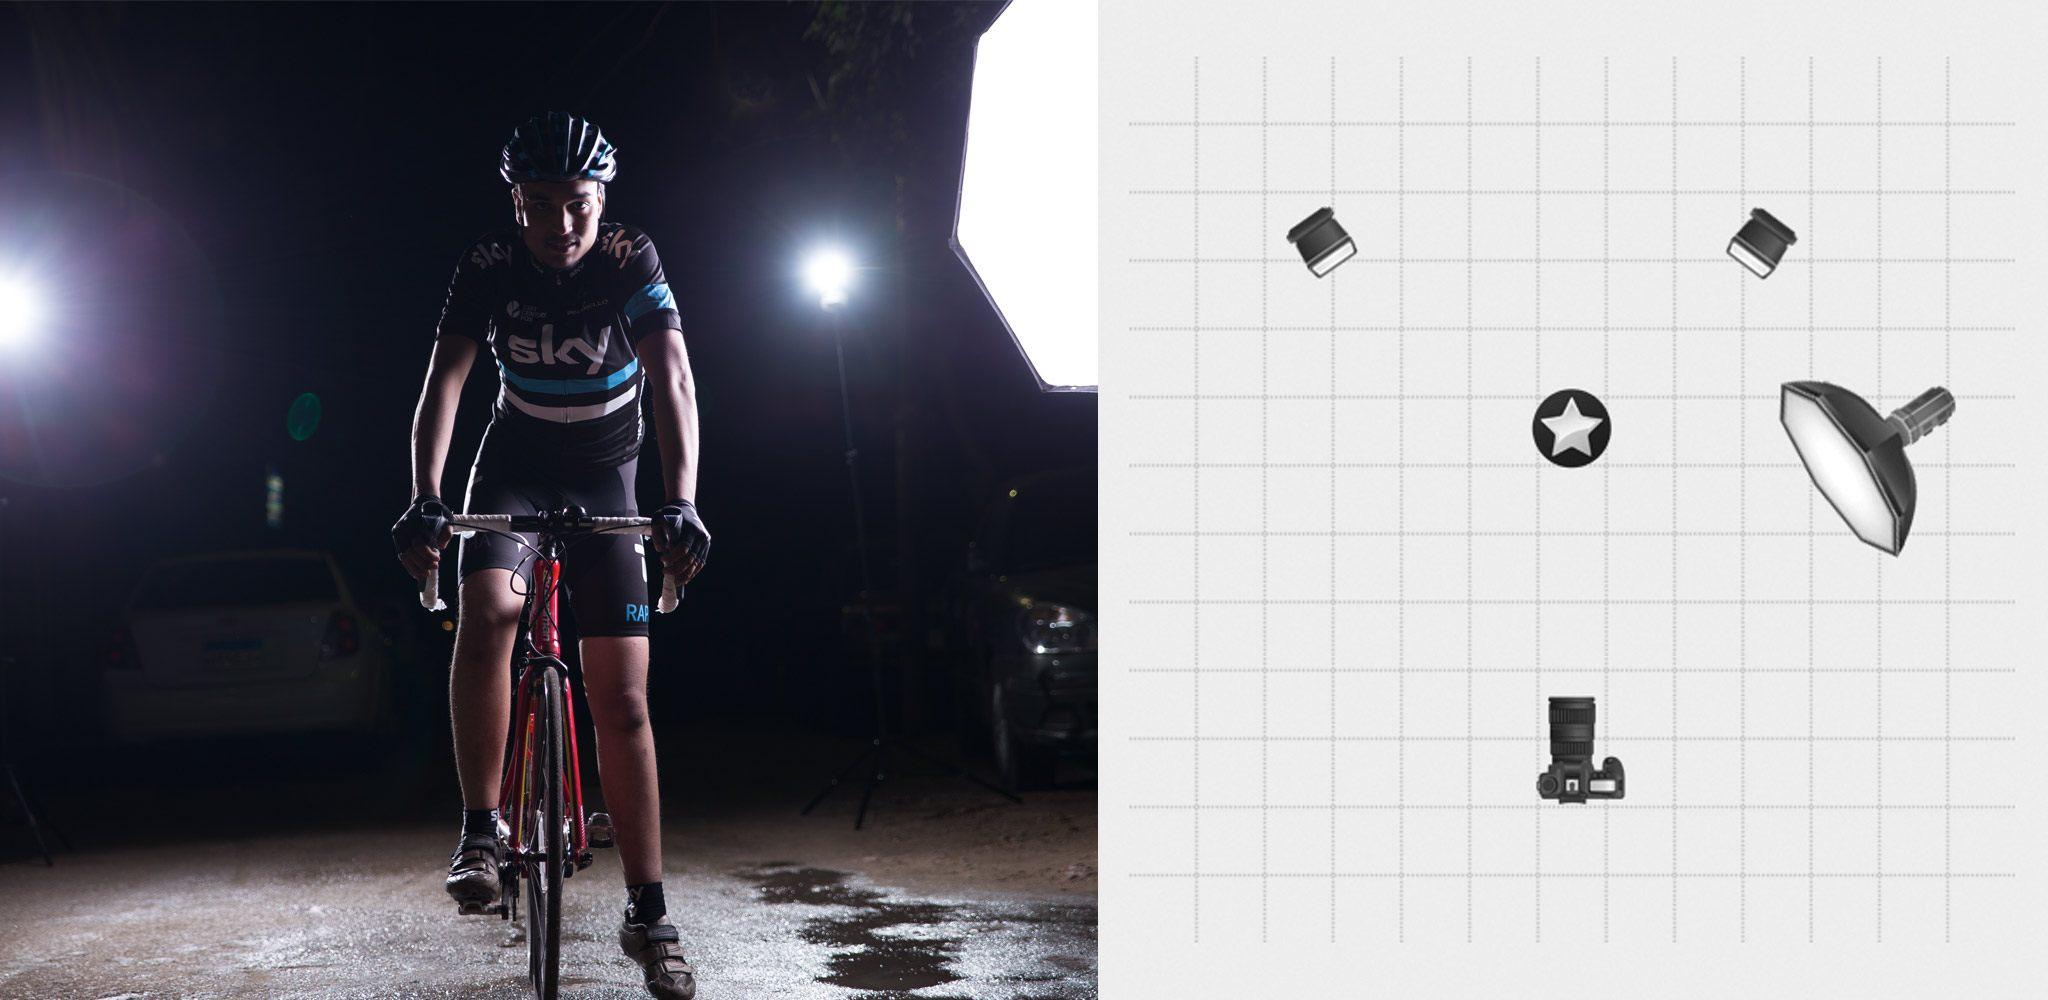 bike-ad-setup